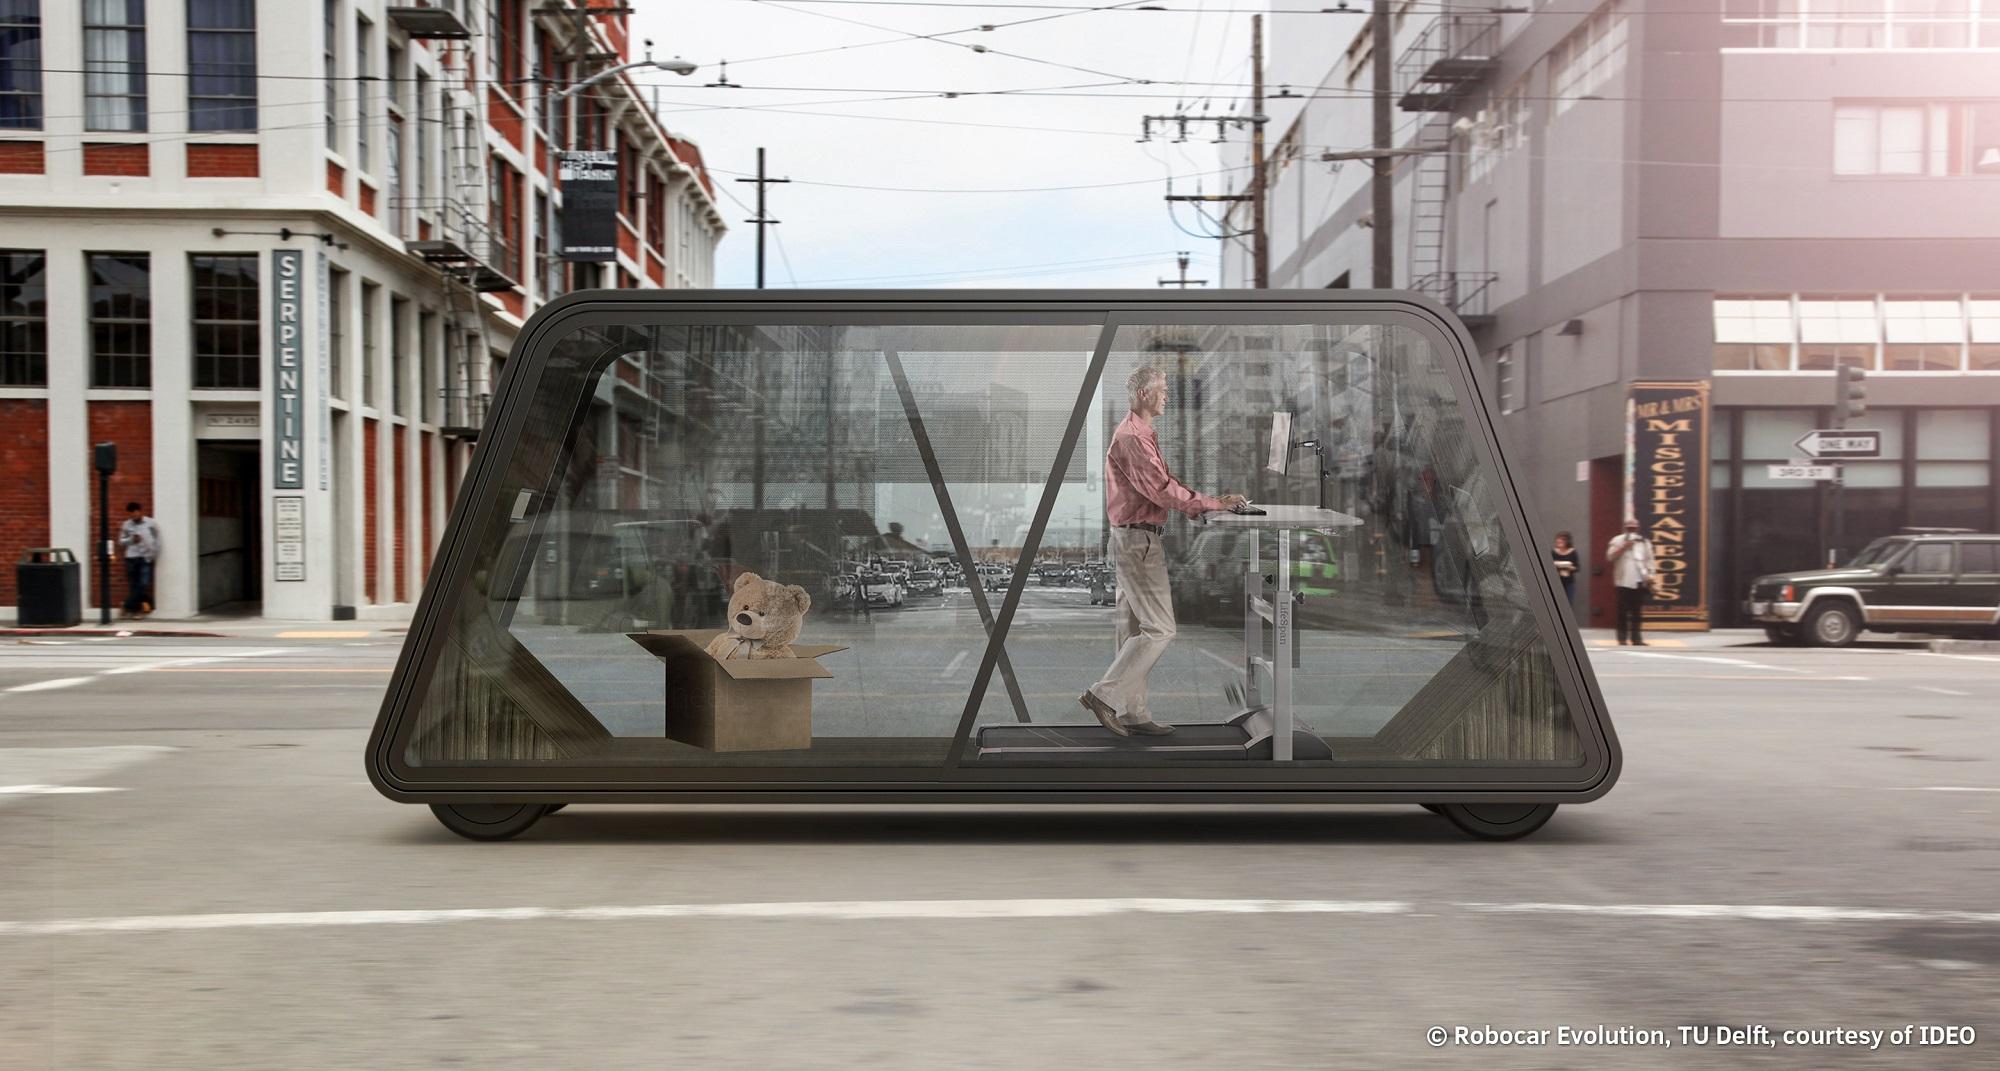 ontwerp voor zelfrijdende auto